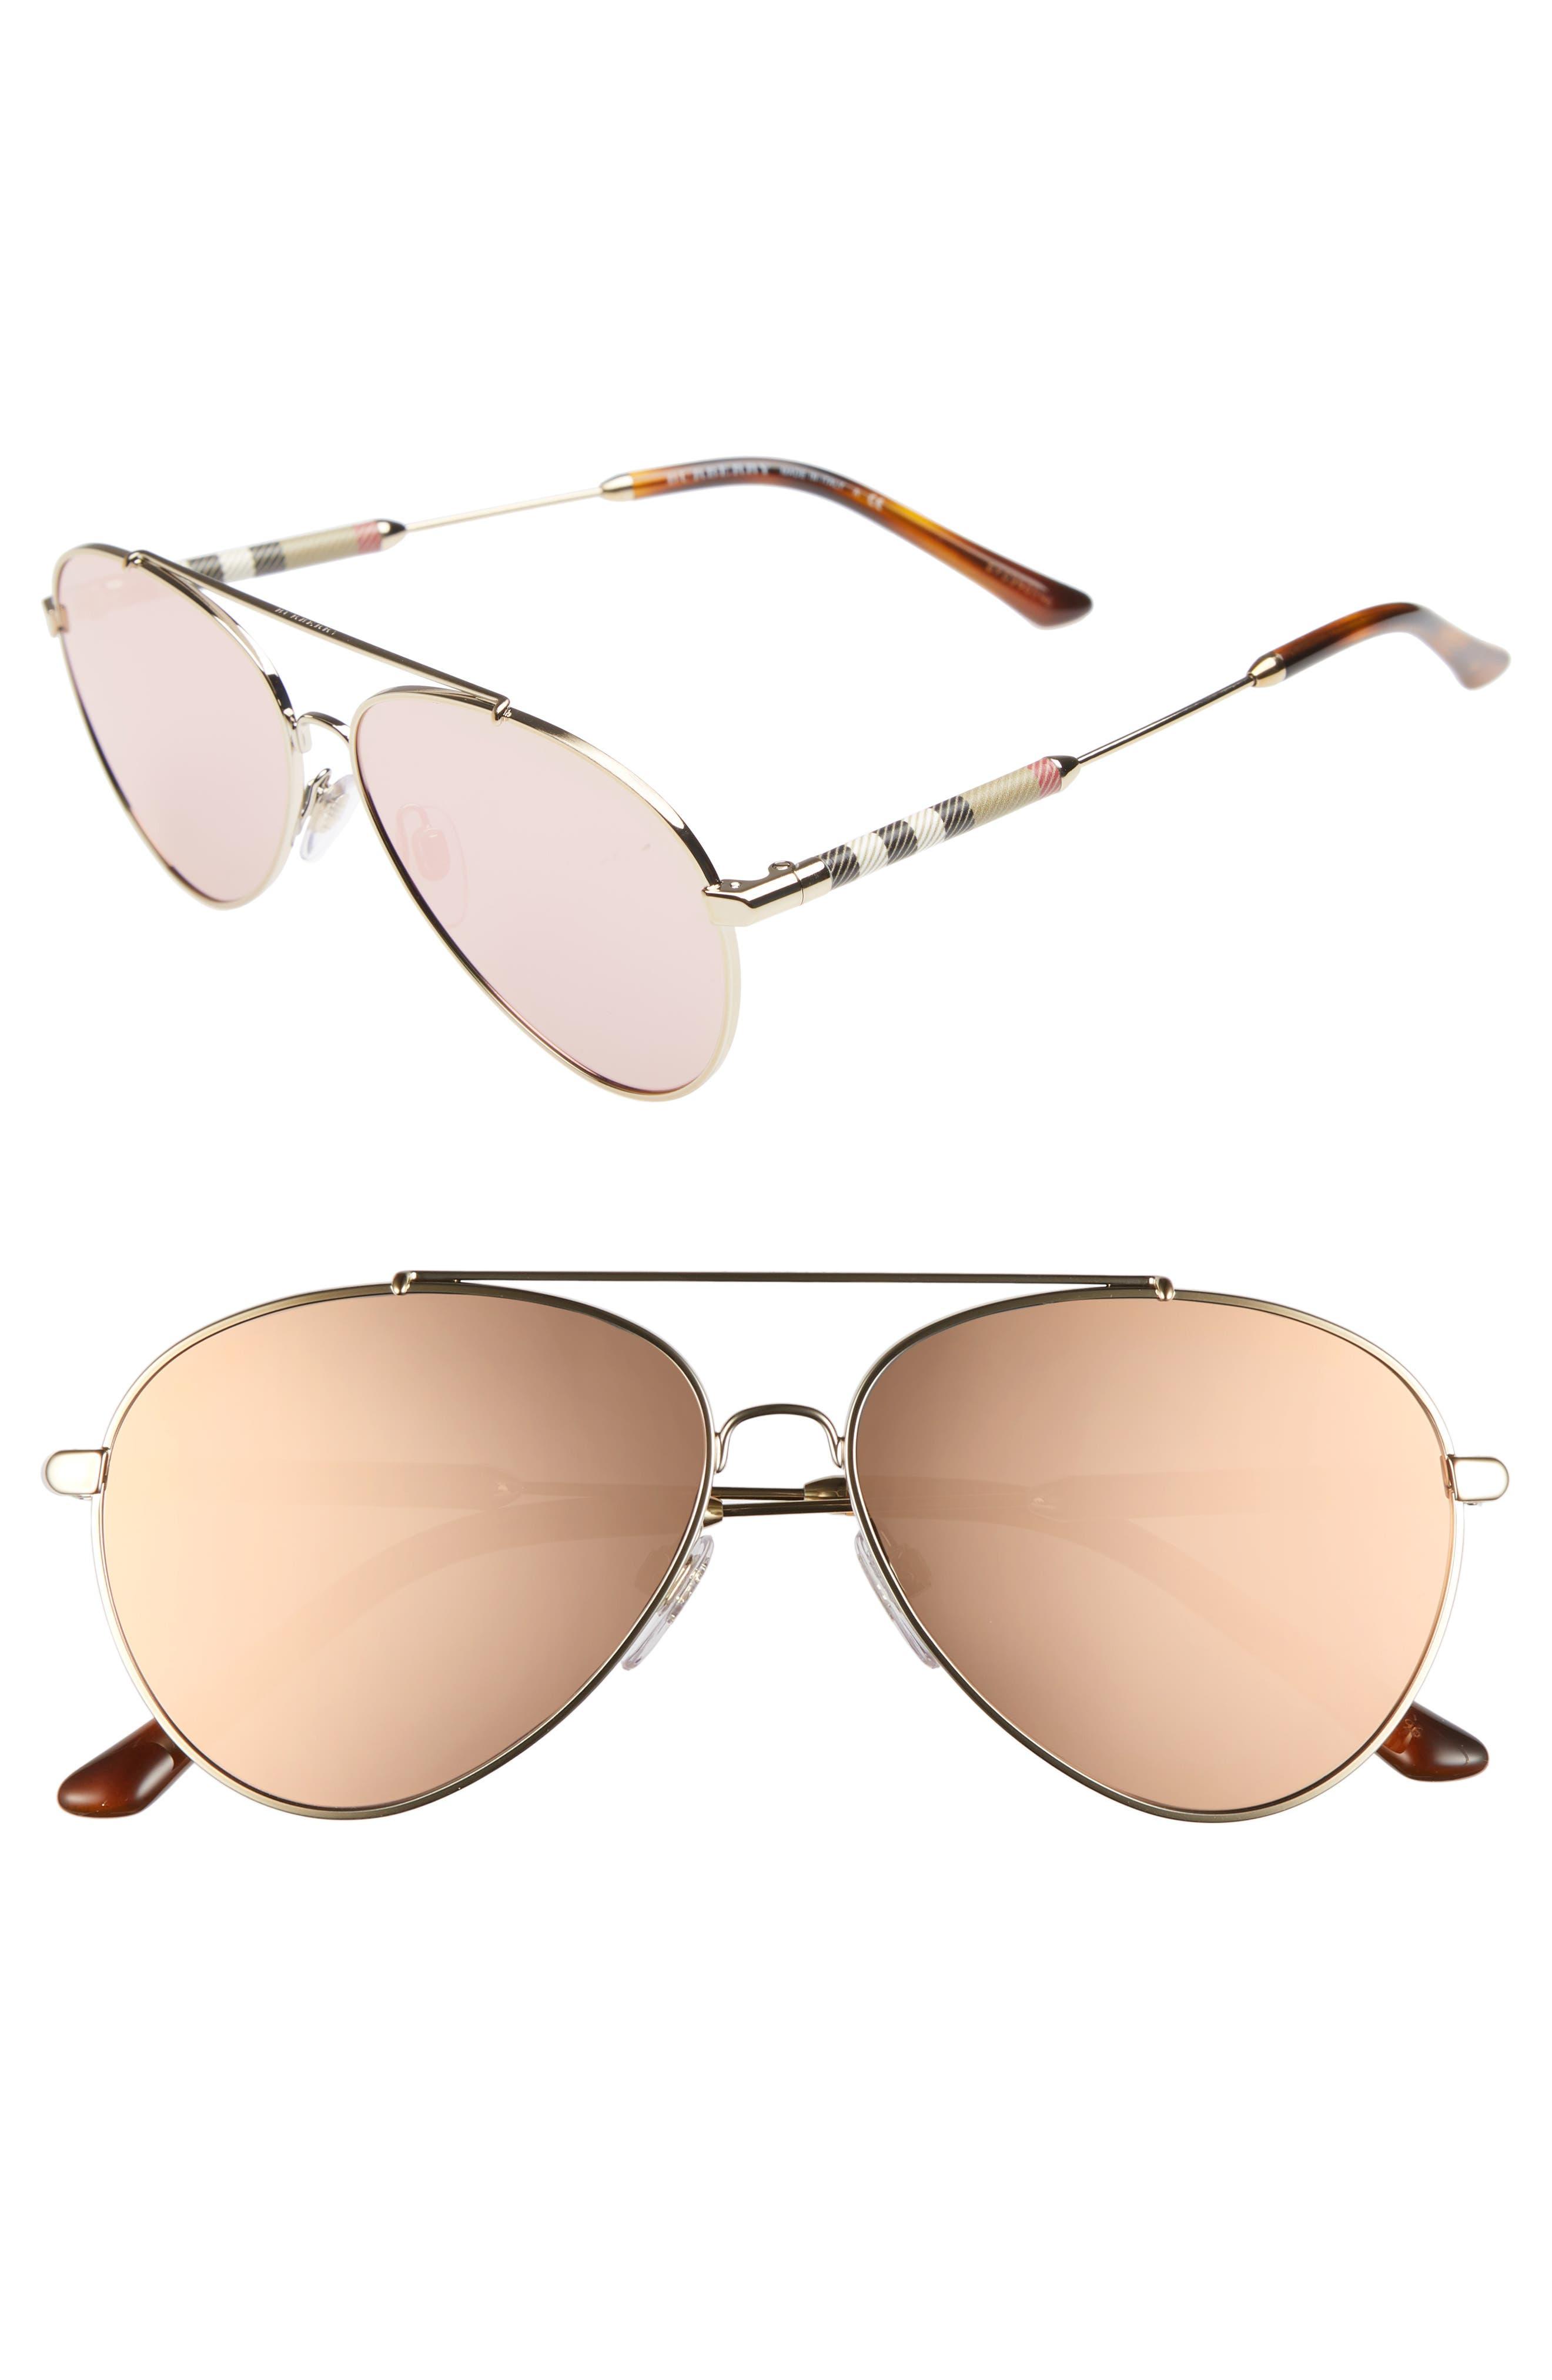 Burberry 57mm Mirrored Aviator Sunglasses